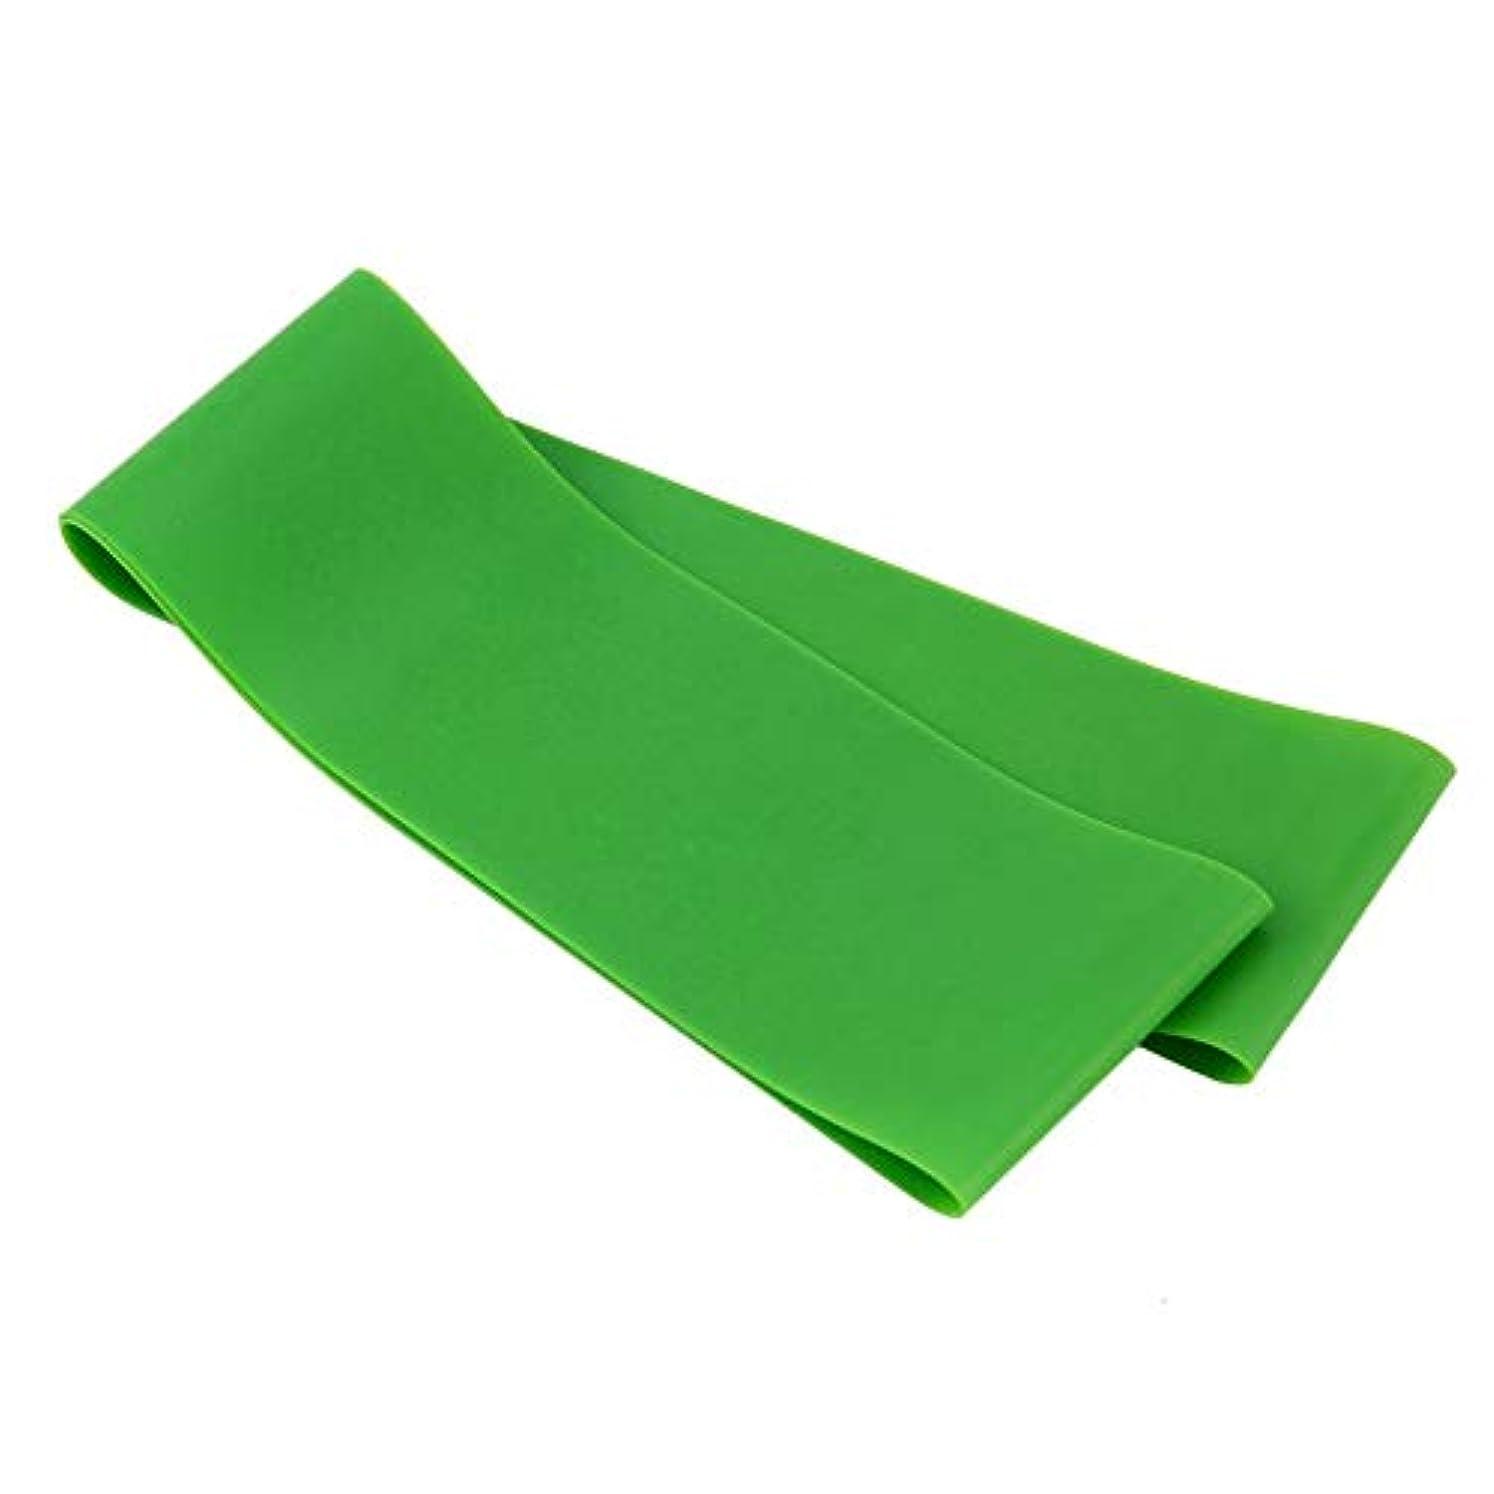 おなじみのインチマーティフィールディング滑り止め伸縮性ゴム弾性ヨガベルトバンドプルロープ張力抵抗バンドループ強度のためのフィットネスヨガツール - グリーン